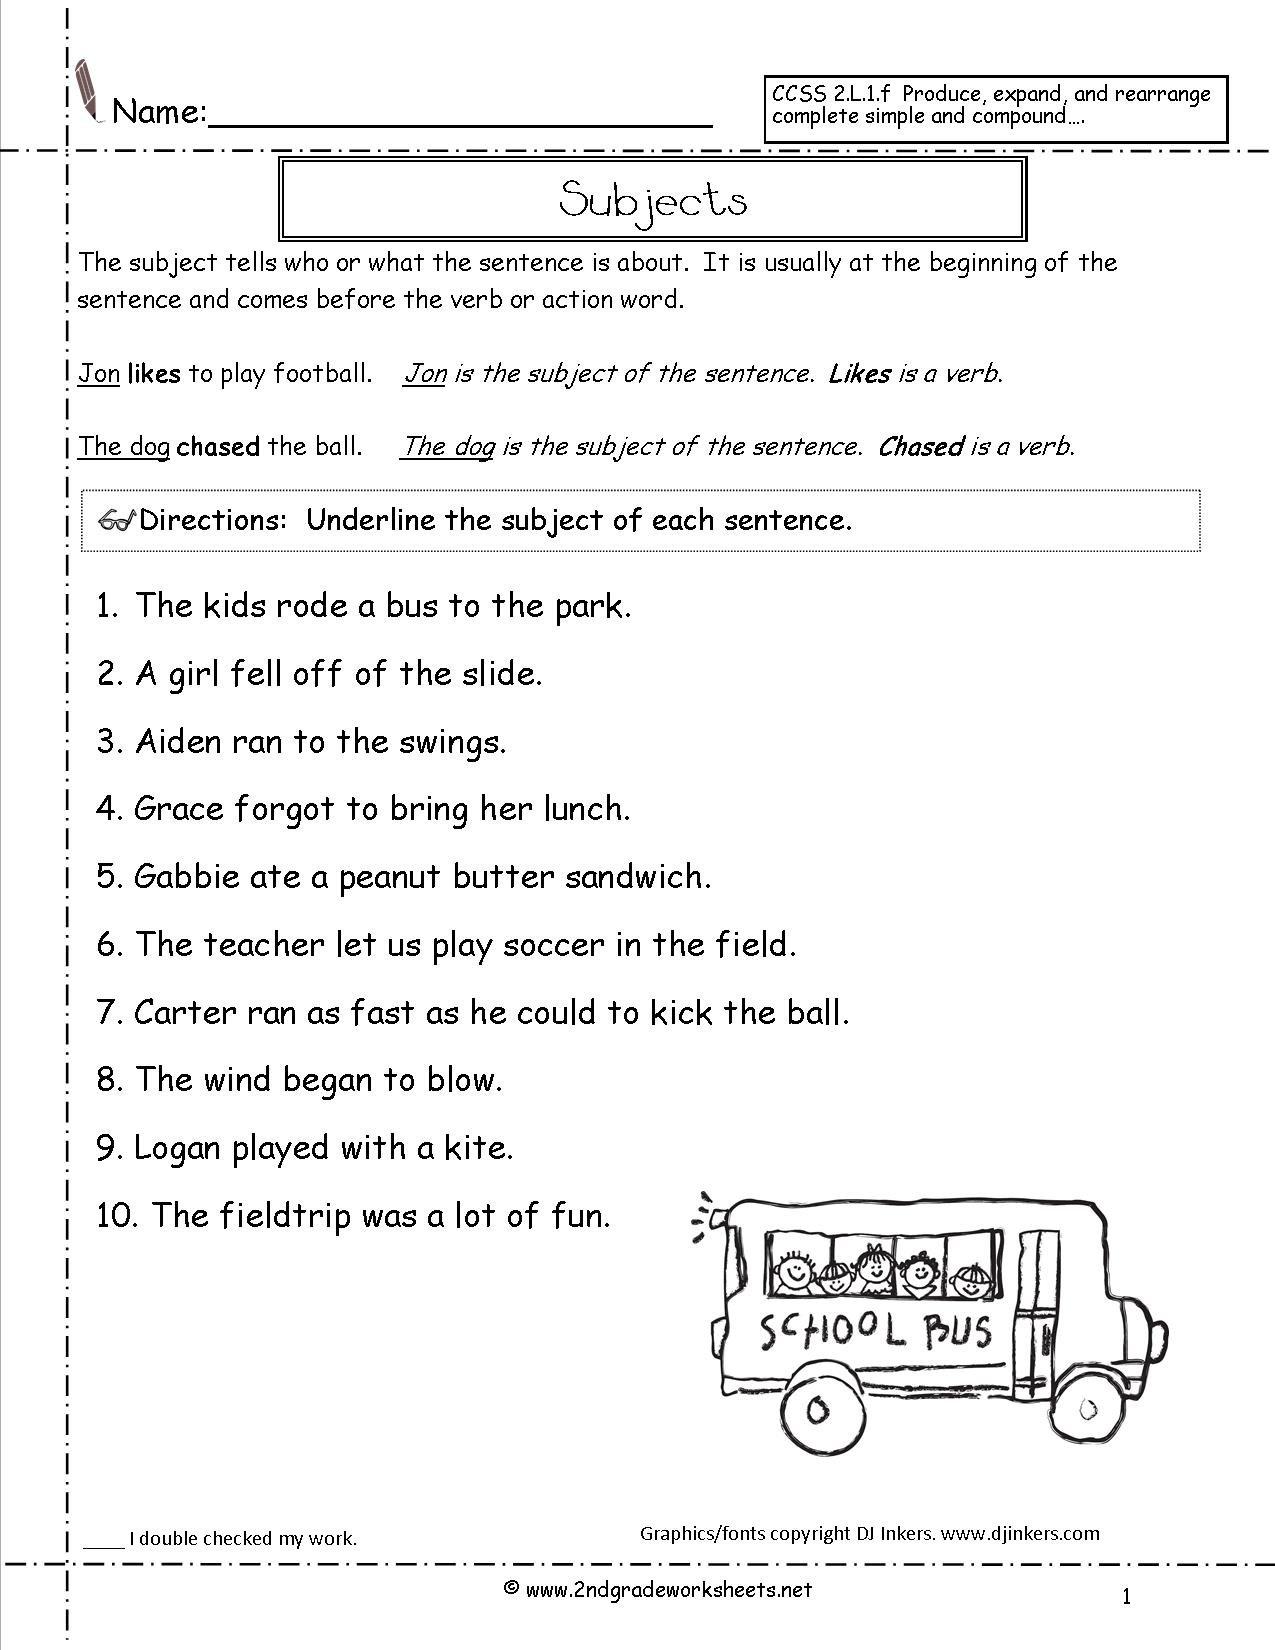 Second Grade Sentences Worksheets Ccss 2L1F Worksheets In Grammar Correction Worksheets